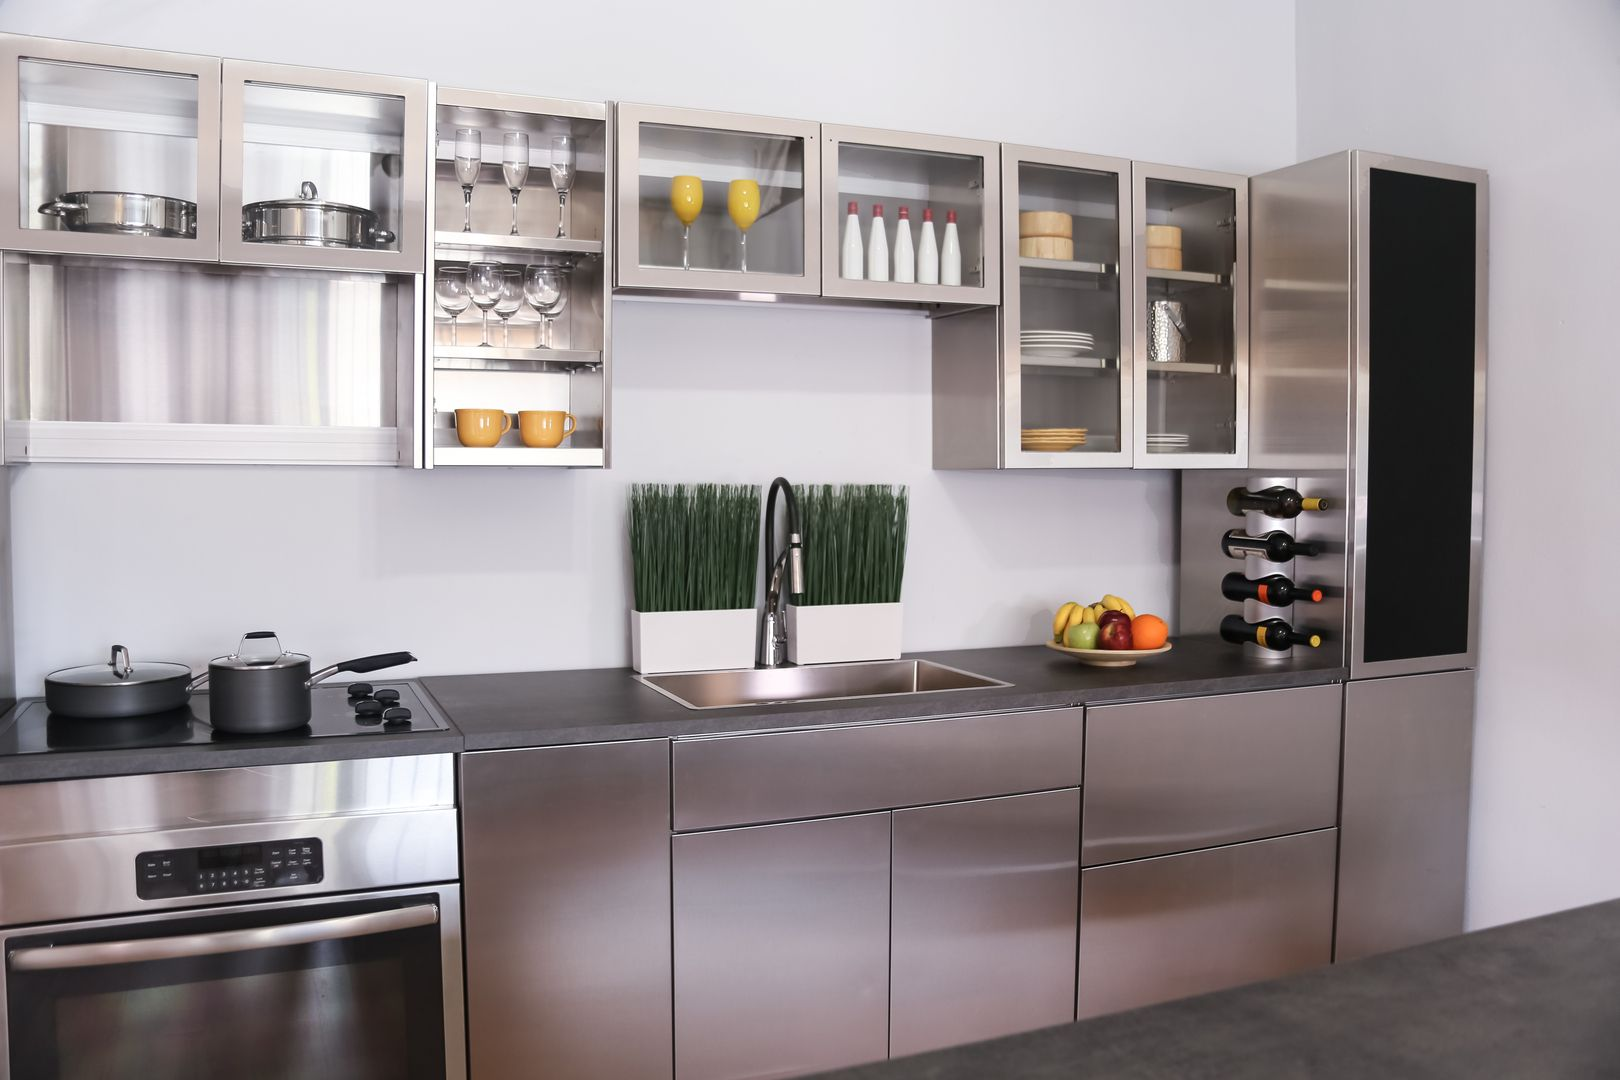 Stainless Steel Kitchen Cabinets In 2020 Kitchen Cabinet Door Styles Stainless Steel Kitchen Cabinets Steel Kitchen Cabinets